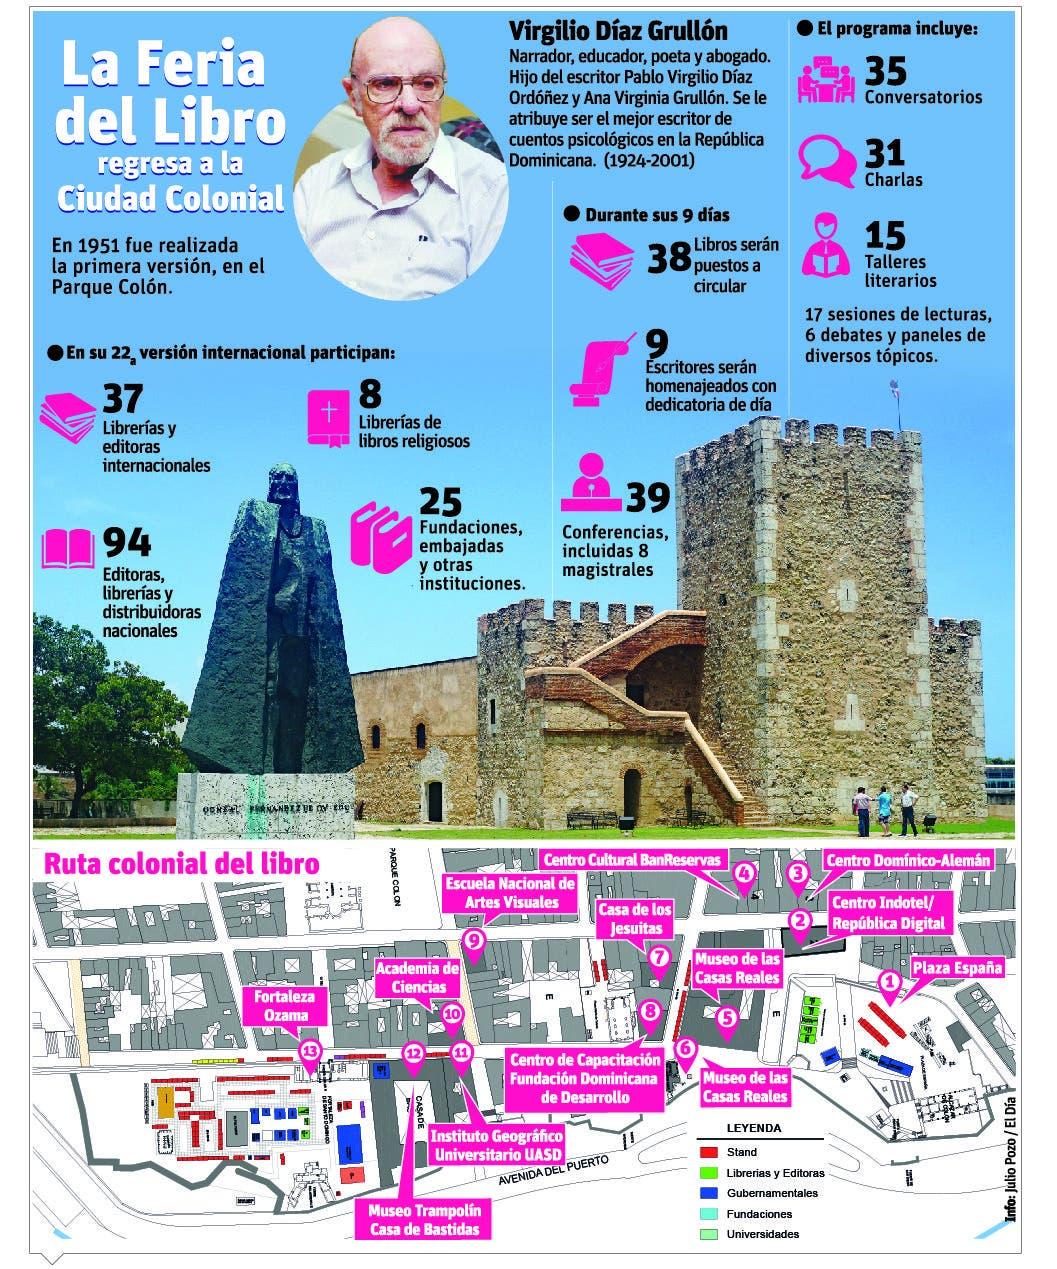 La Zona Colonial lista para recibir a los visitantes de la Feria del Libro